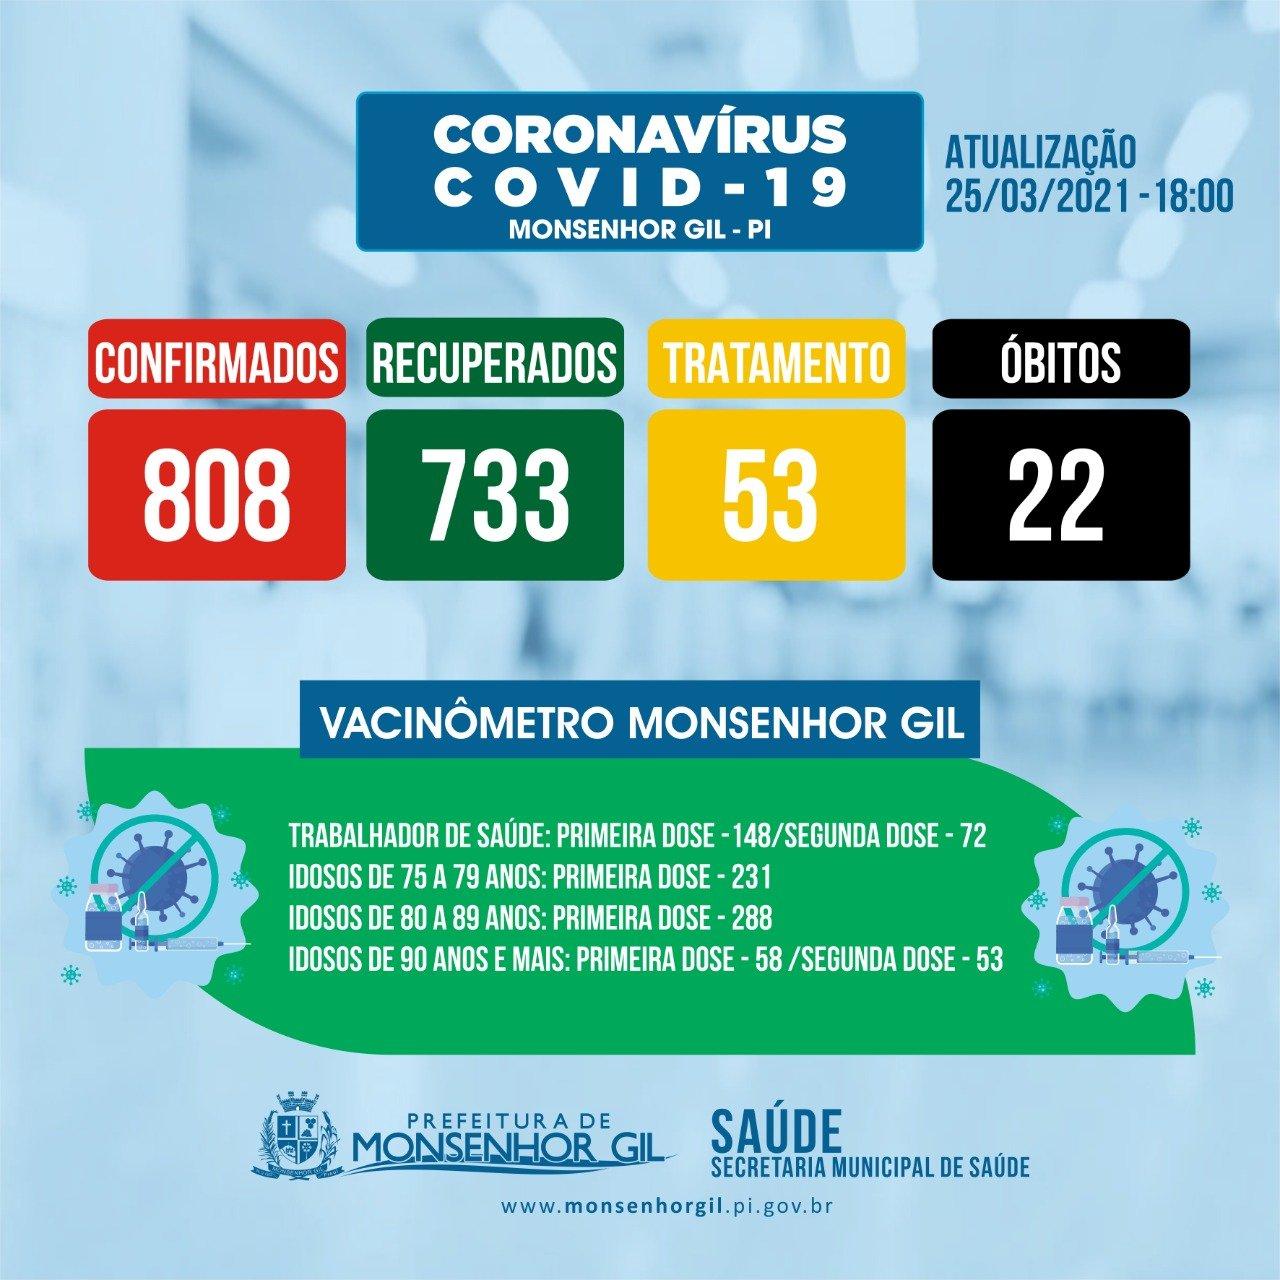 Prefeitura de Monsenhor Gil faz busca ativa, vacinação contra a Covid-19 e orienta a população - Imagem 7